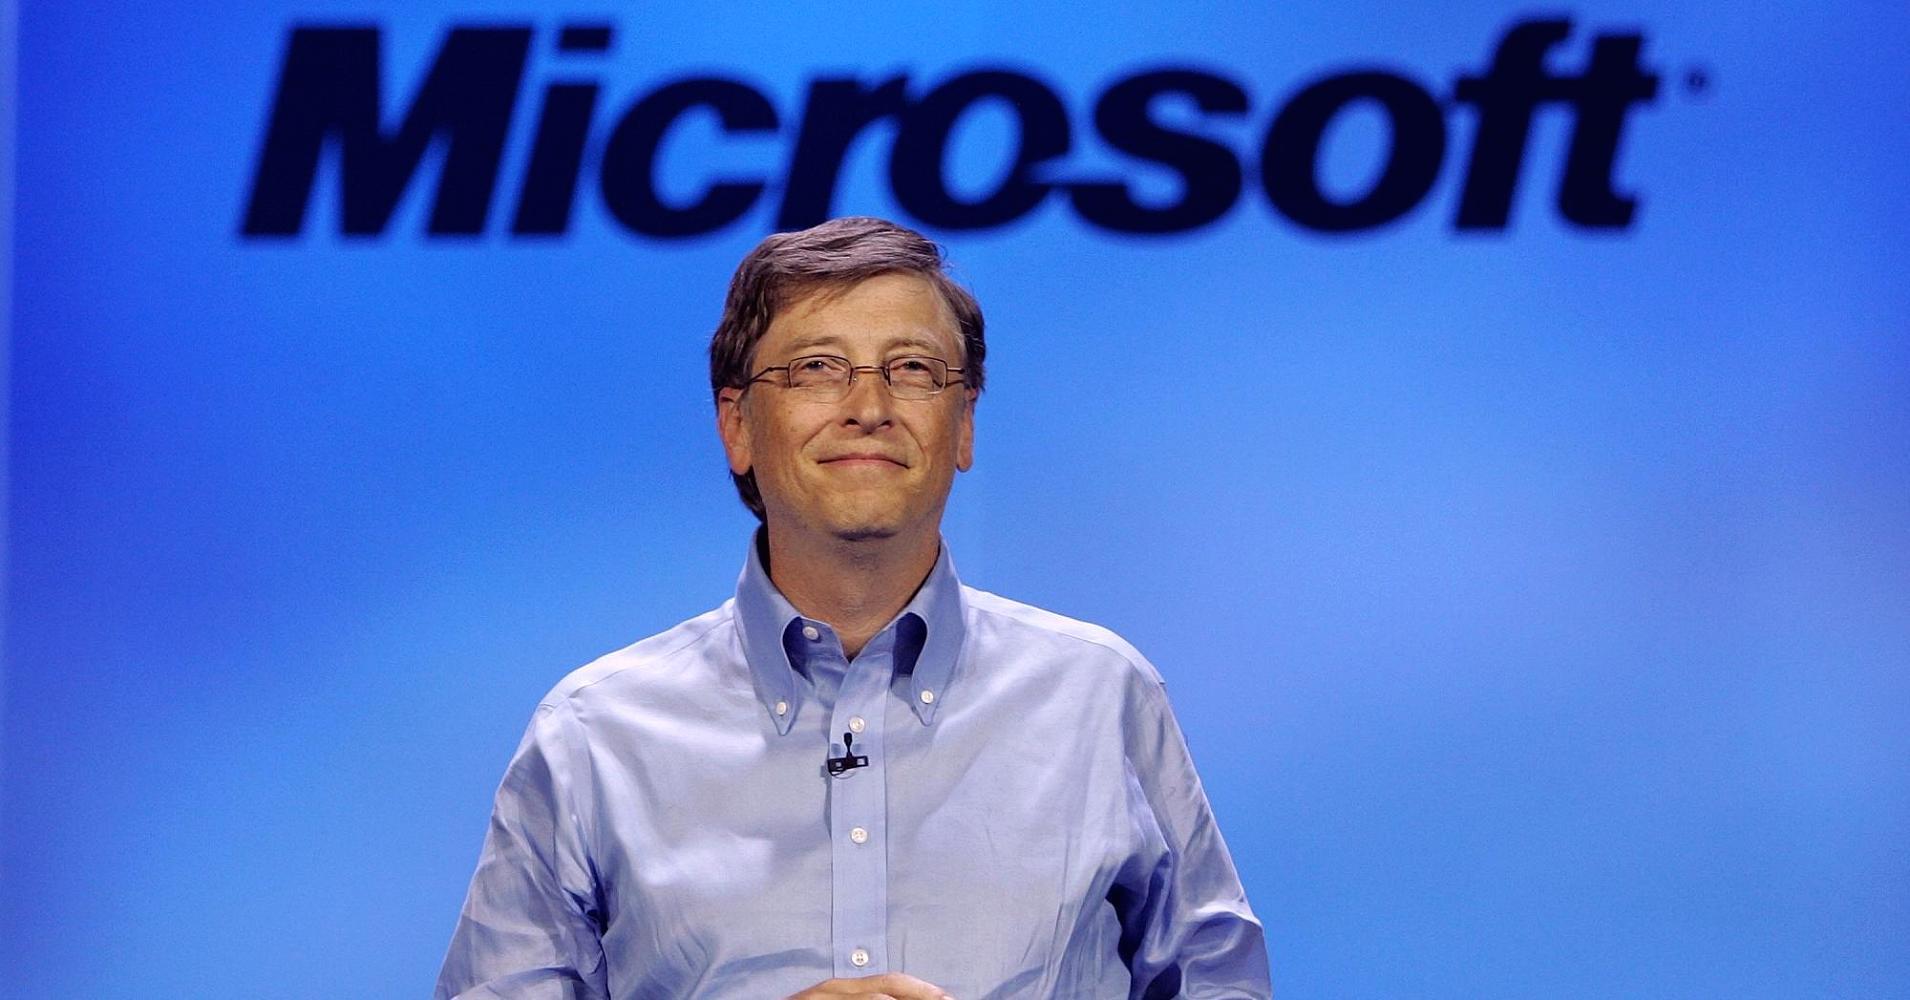 8 thói quen cực kỳ hiệu quả giúp Bill Gates đạt thành công tột bậc - 1